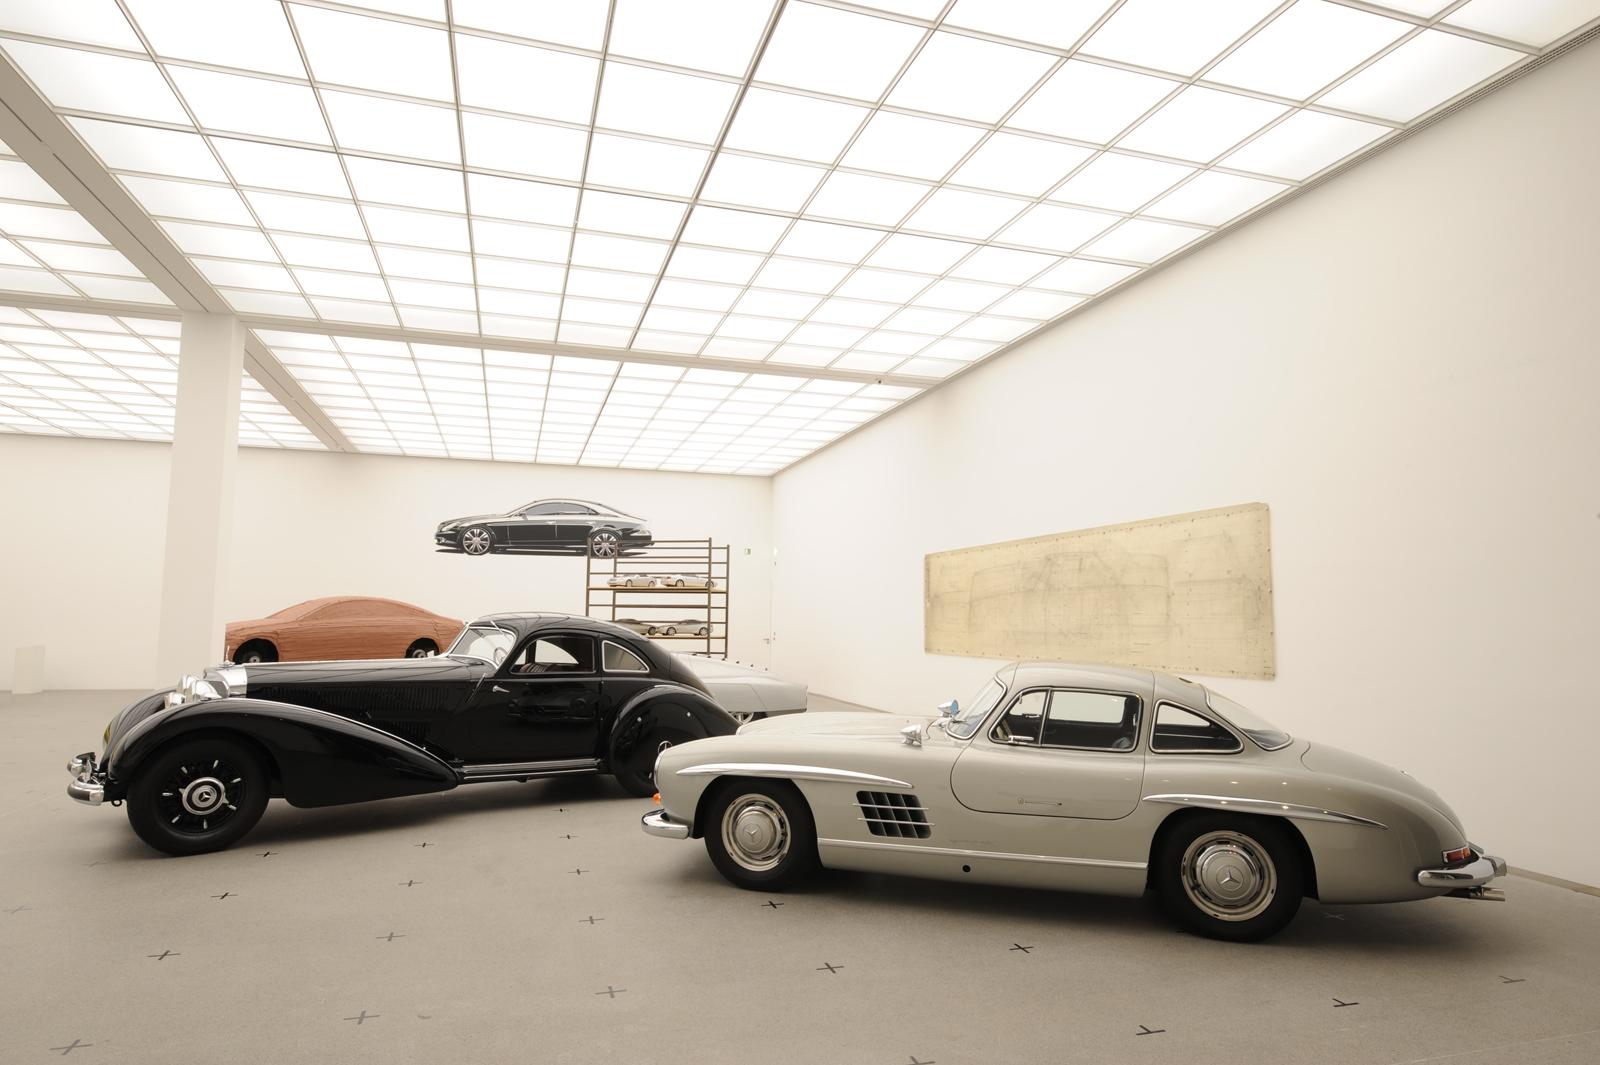 """Выставка """"вехи истории автомобильного дизайна - пример Mercedes-Benz"""" в Pinakothek der Moderne) в Мюнхене - фотография №14"""